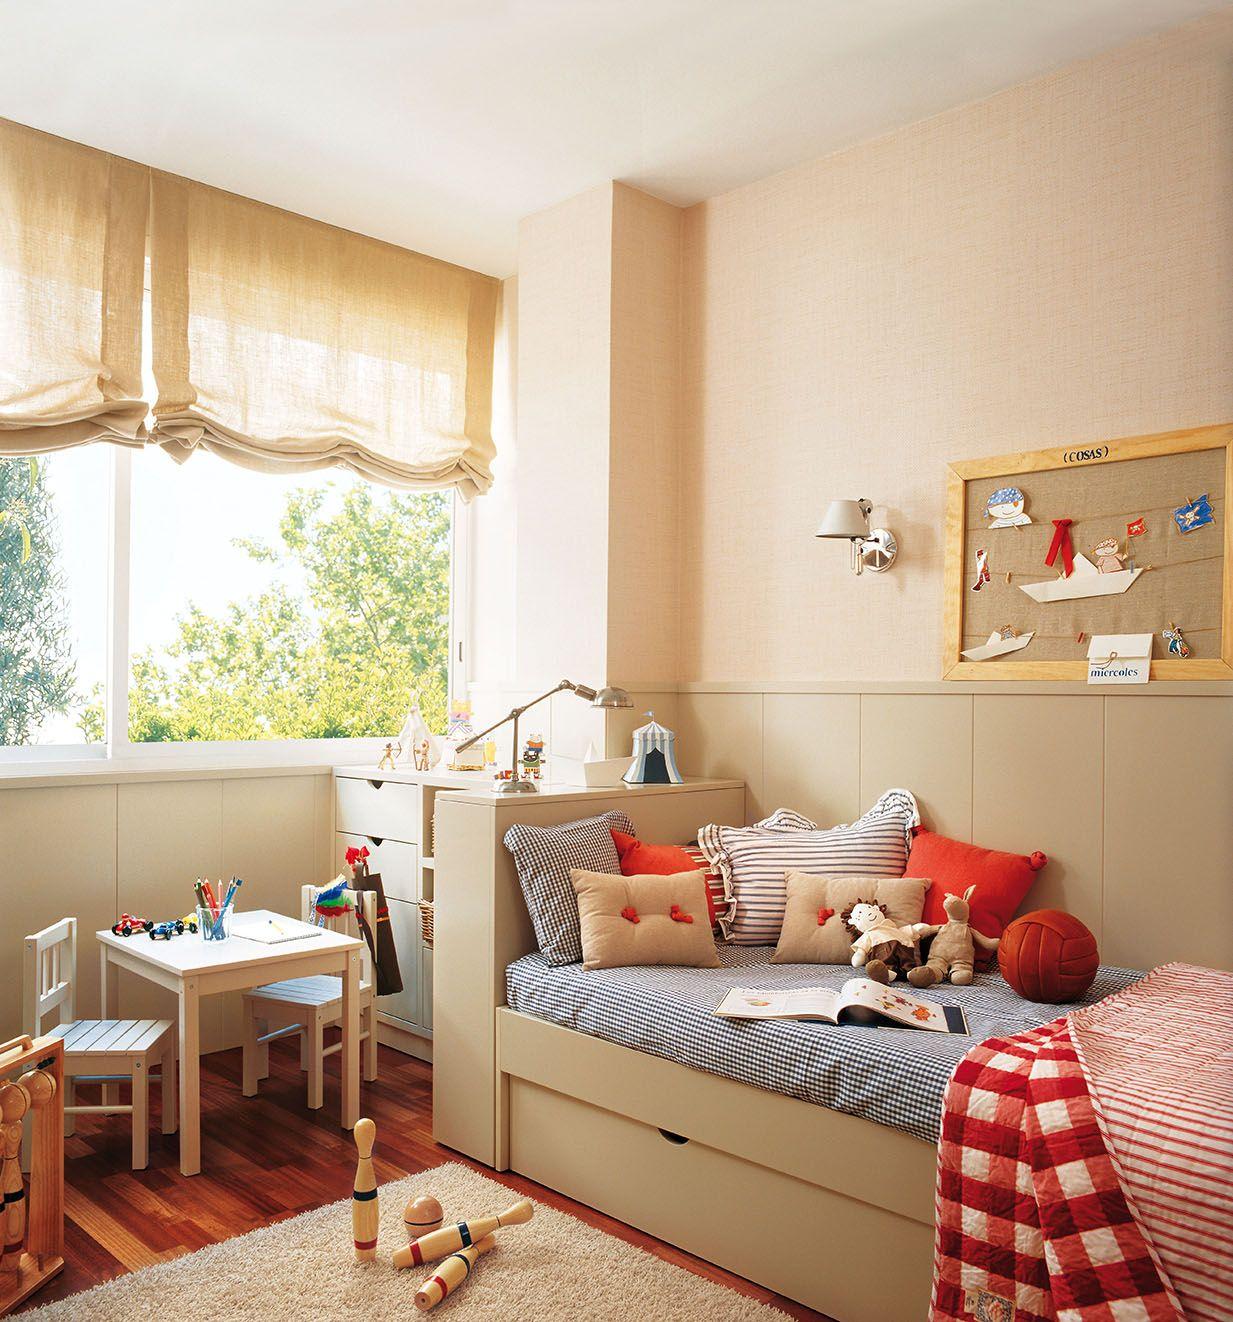 Dormitorio infantil con cama con cabecero y pequeñas sillas y ...